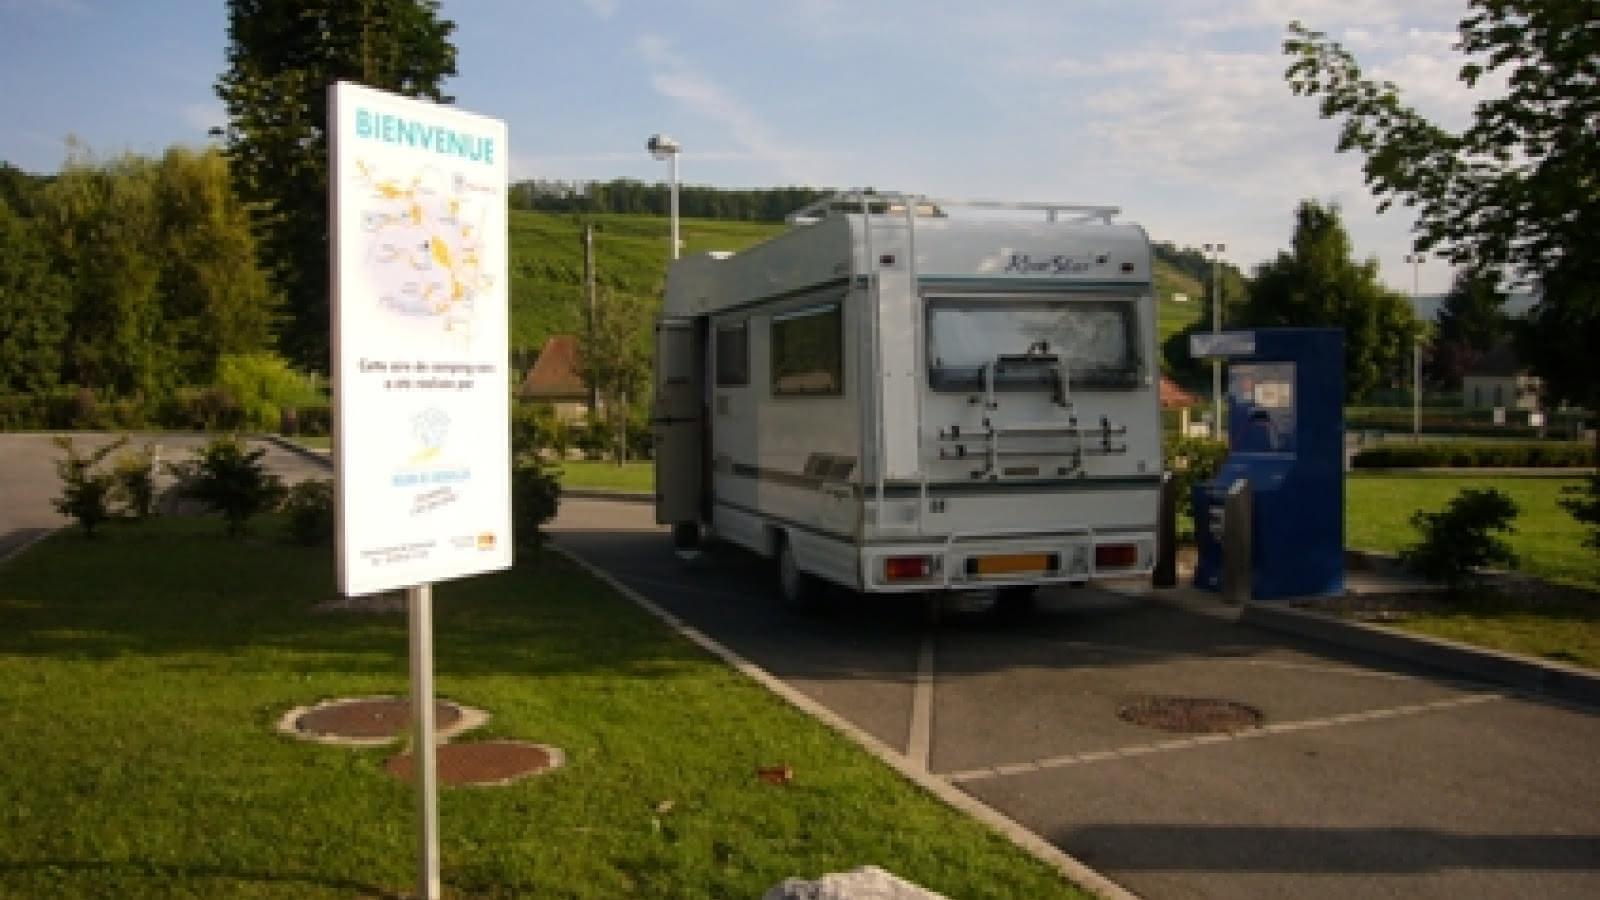 Wohnmobil-Abstellplatz mit Serviceeinrichtungen - Orschwihr  Visit